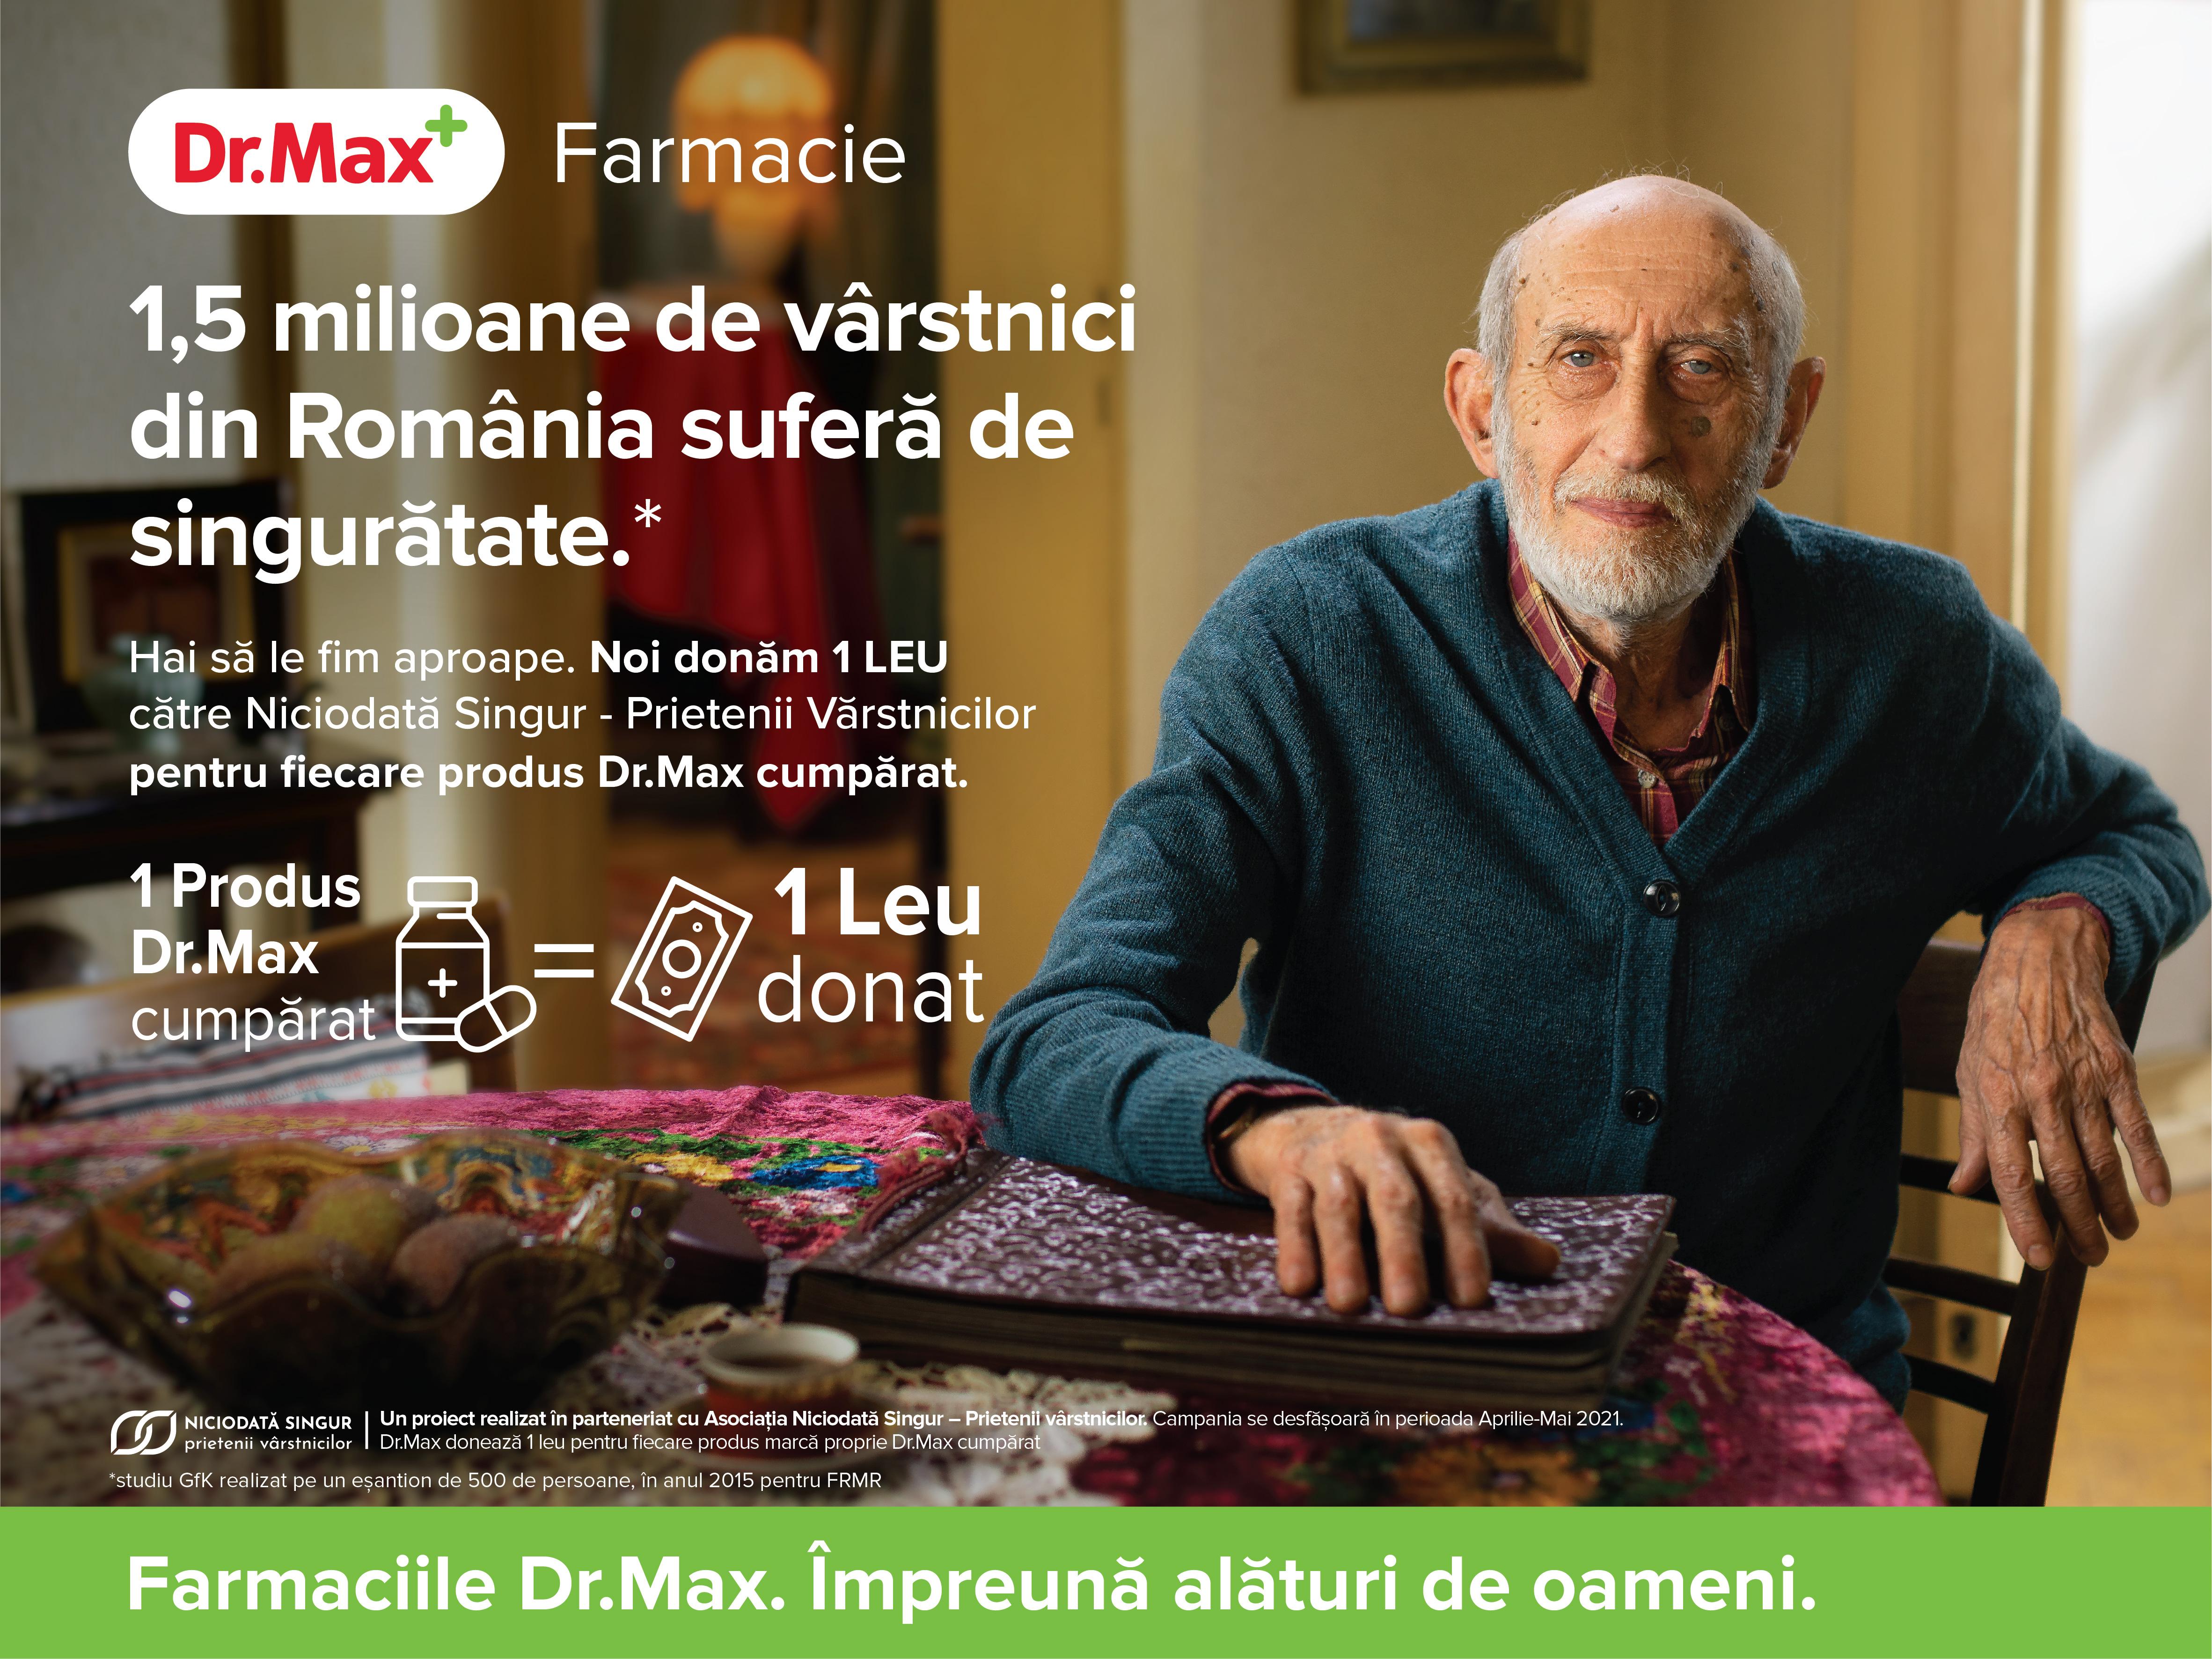 Farmaciile Dr.Max și Asociația Niciodată Singur – Prietenii Vârstnicilor, un parteneriat pentru o comunitate sănătoasă și demnă